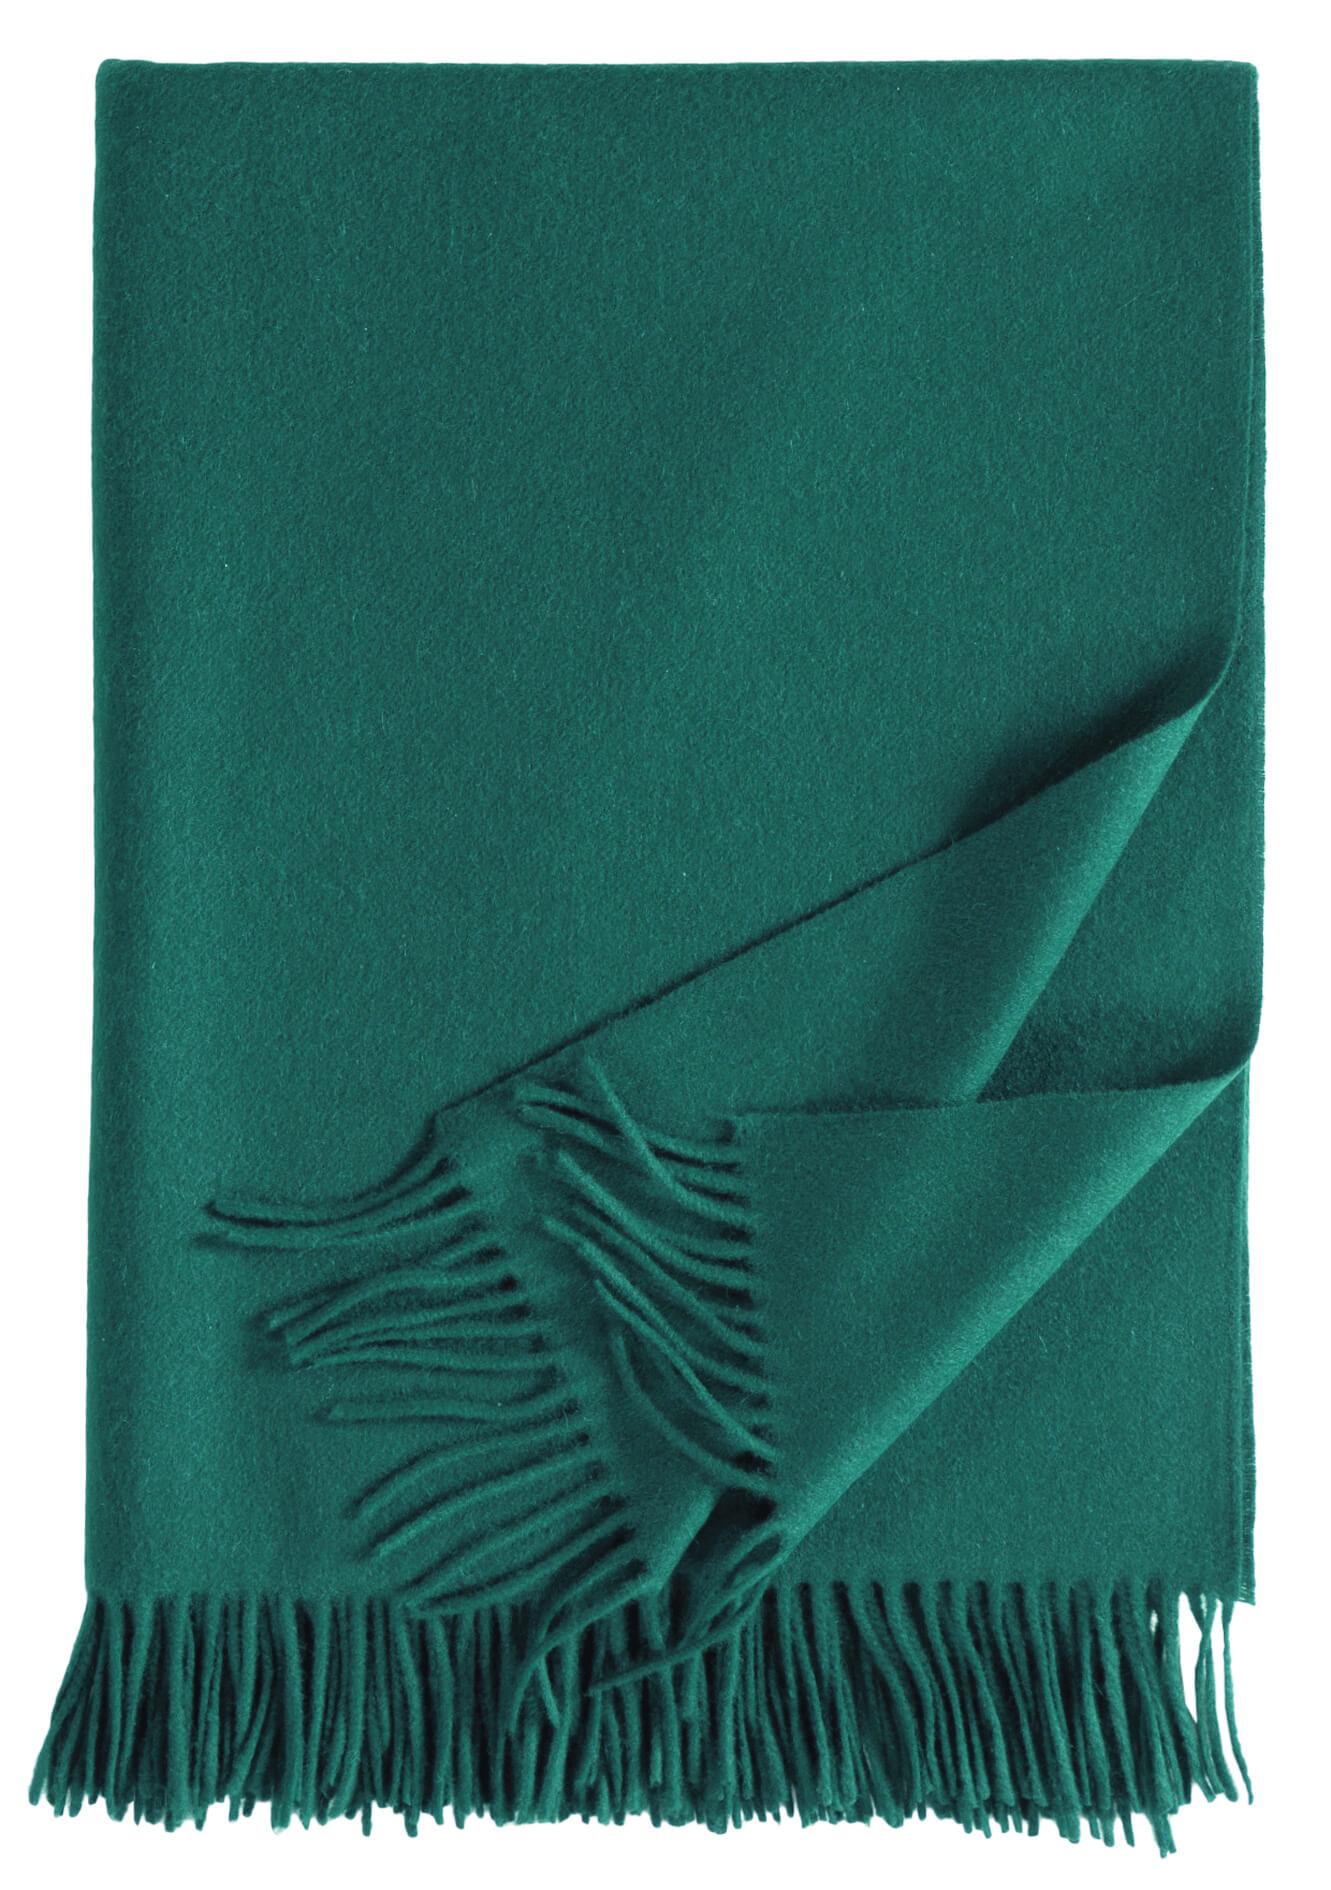 Bild von Windsor1271, Variante smaragd